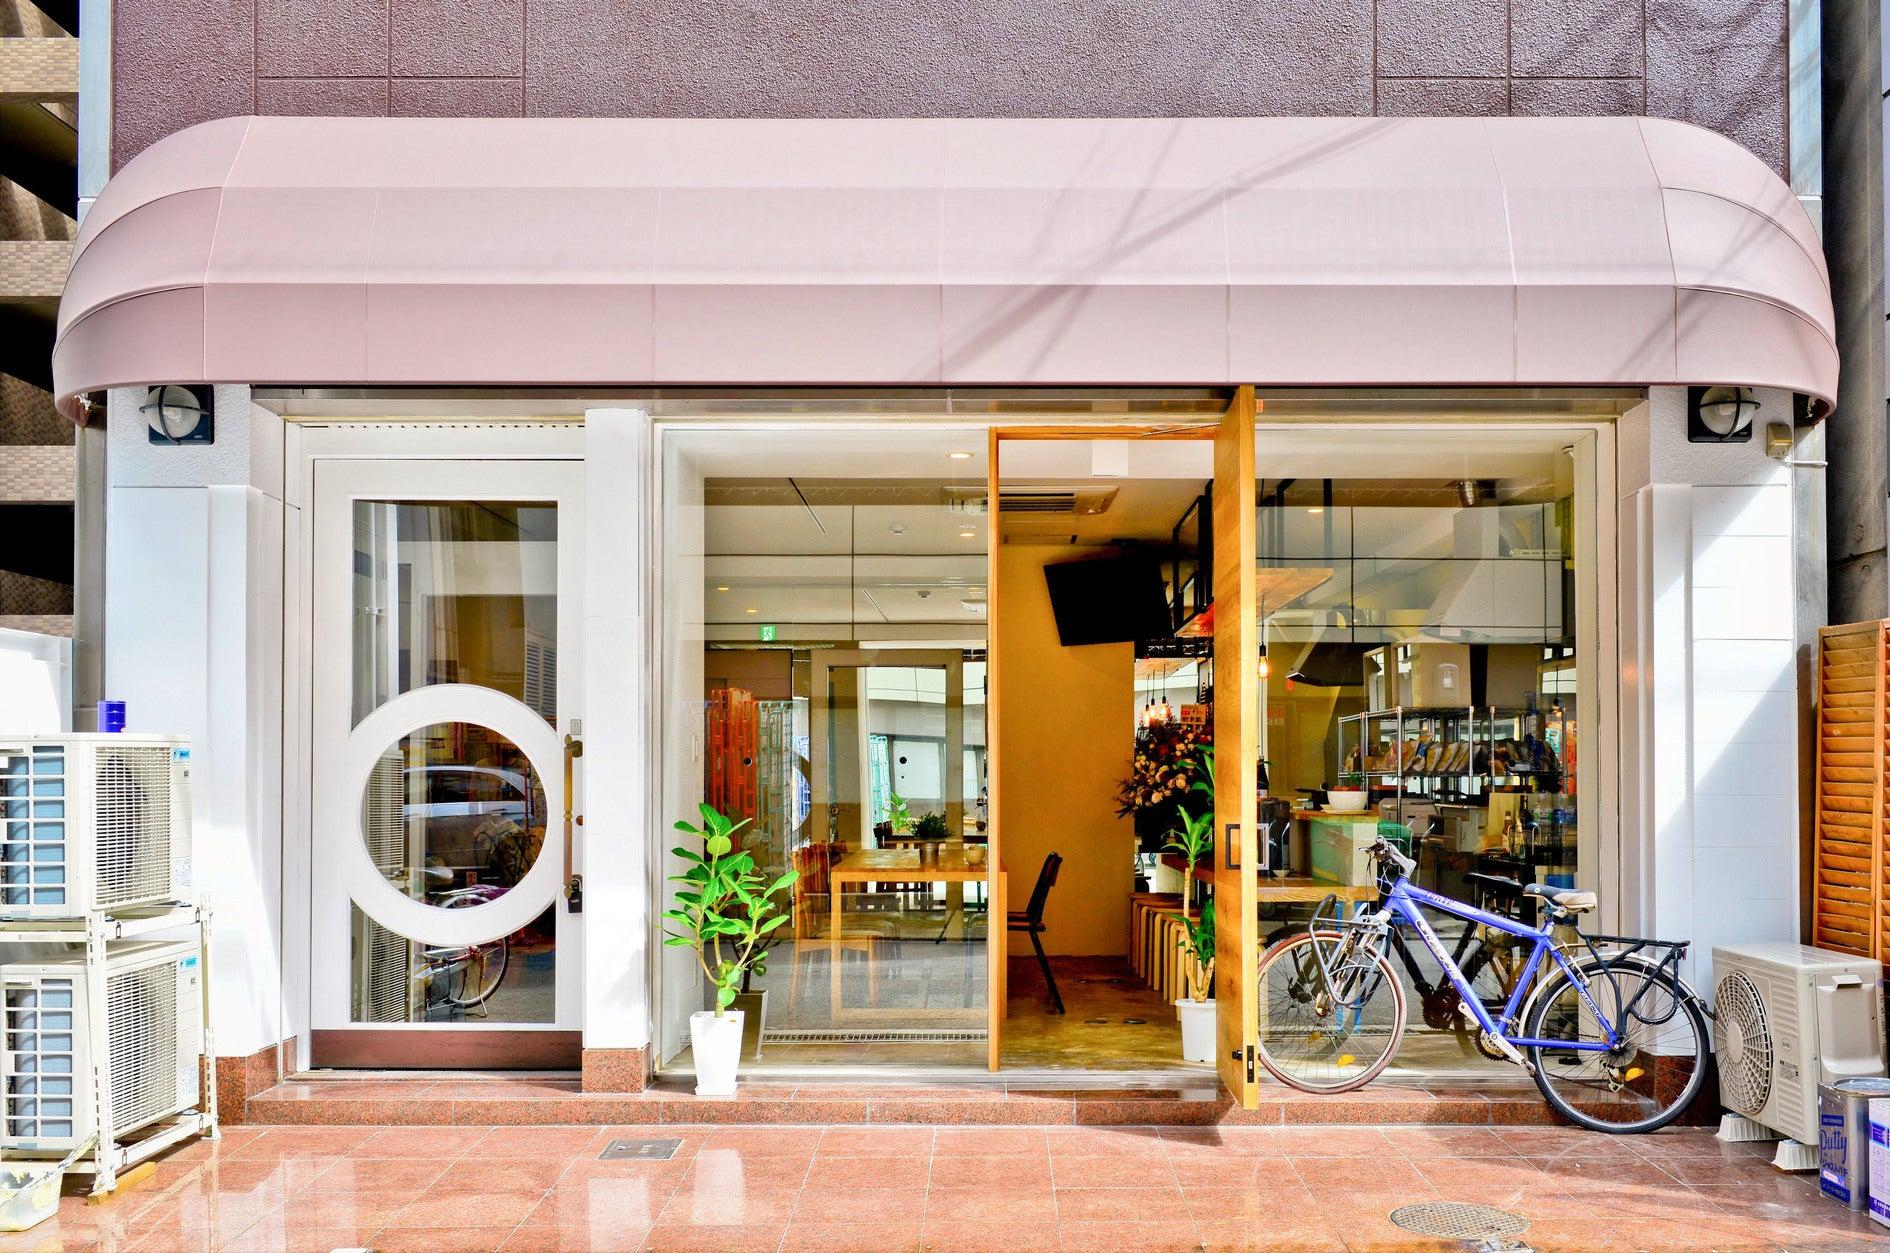 長堀橋駅より徒歩4分。共用部は14人まで利用可能。お茶会、会議など様々な用途にお使いいただけます。(ビーハイブホステル大阪) の写真0